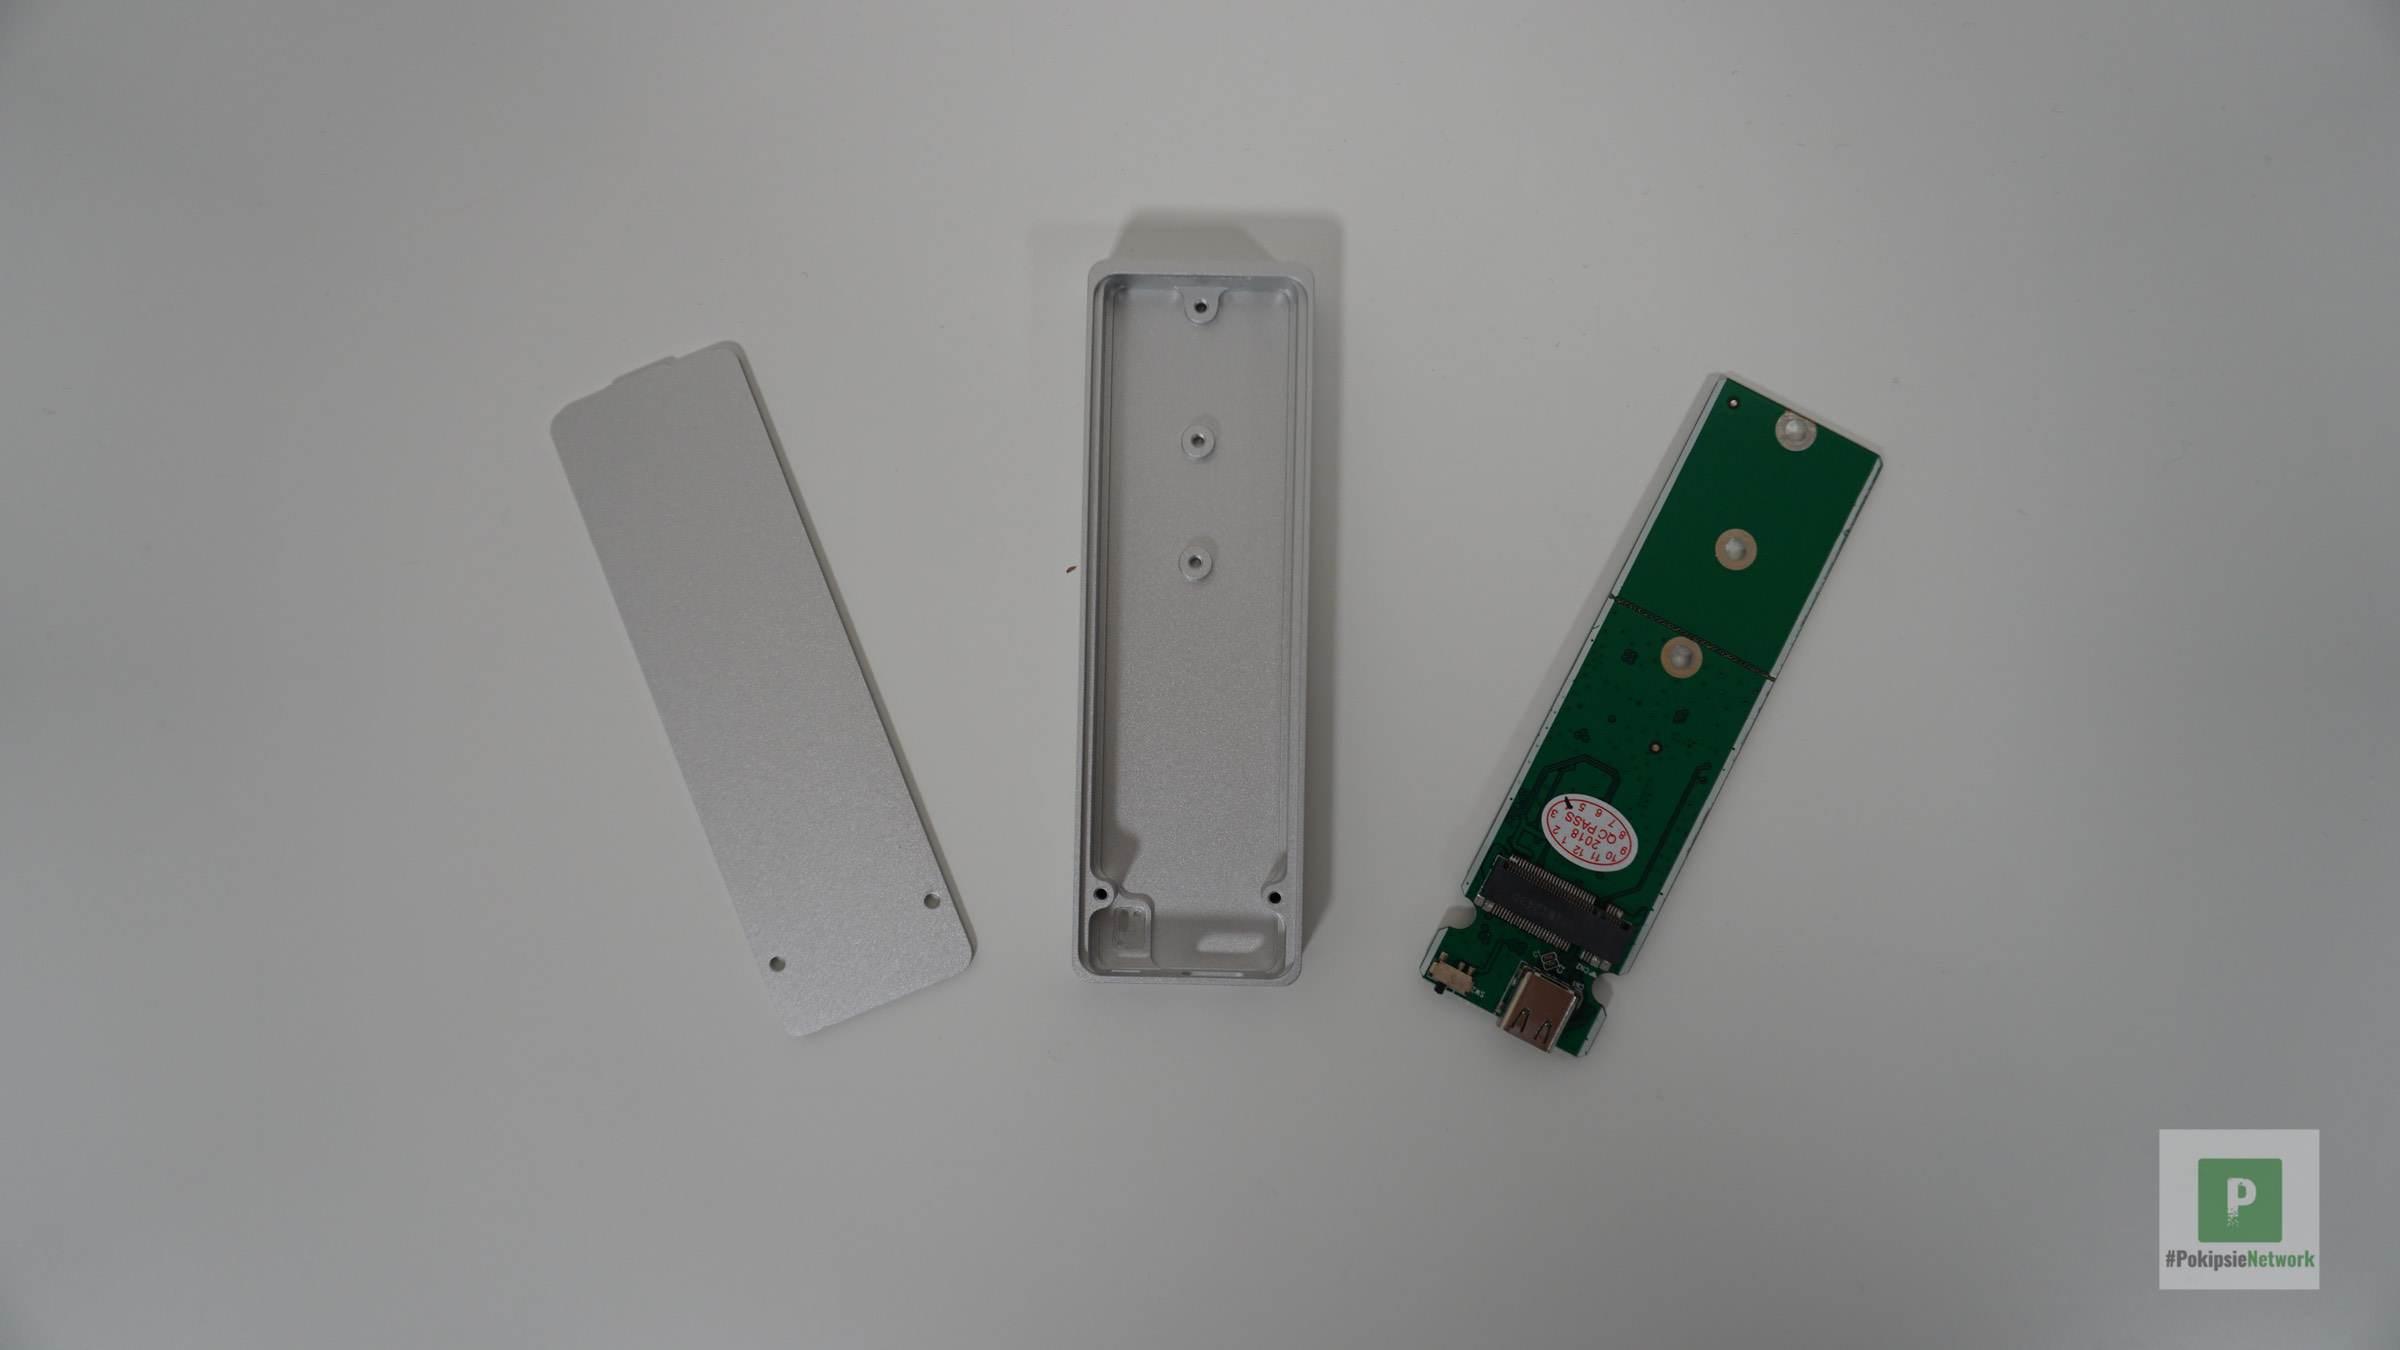 Aufgeschraubt mit M.2 SSD